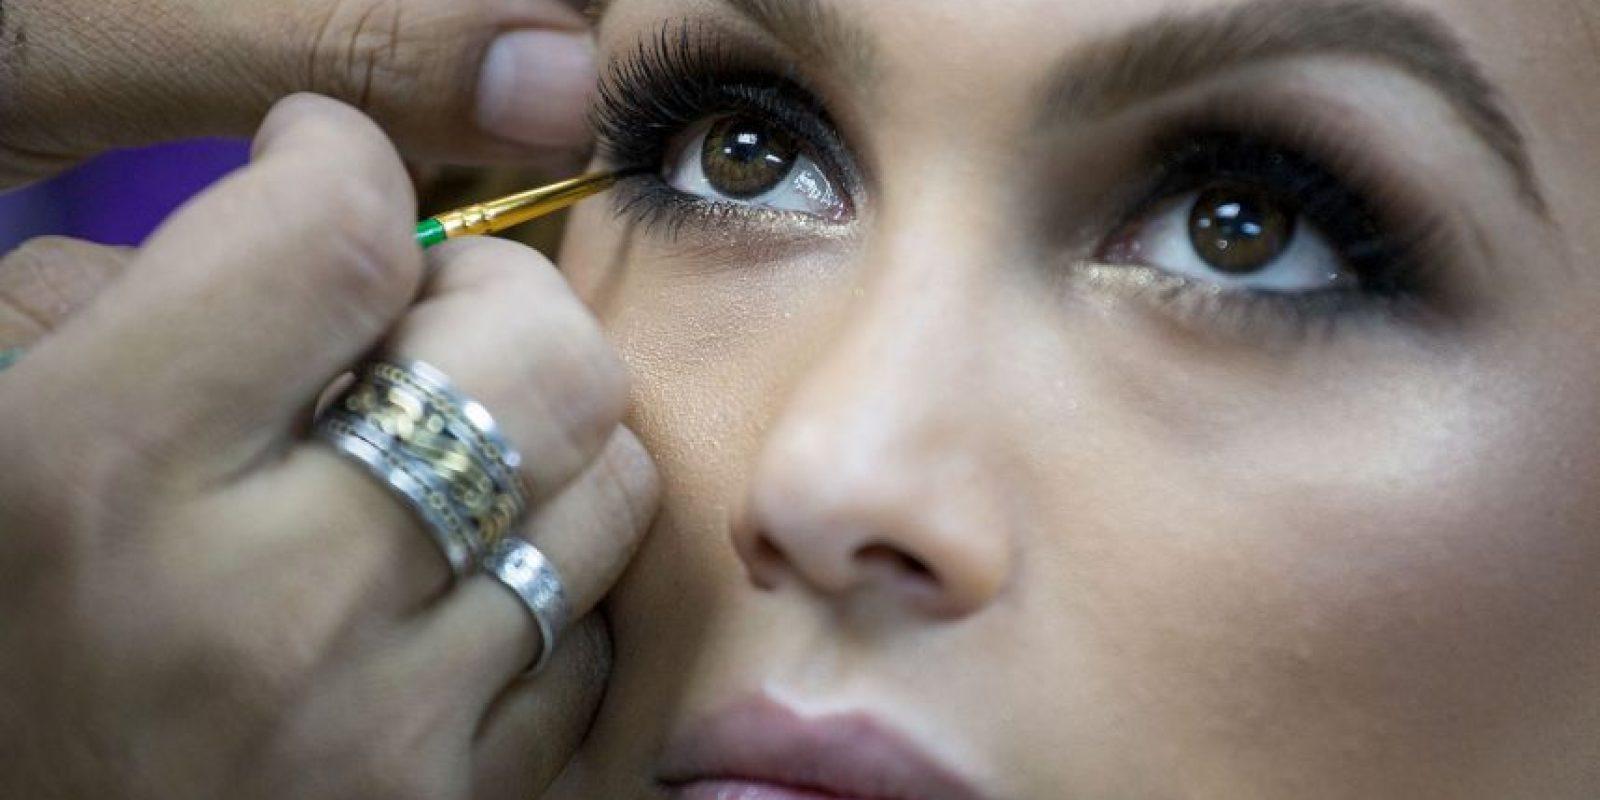 27 aspirantes del certamen Miss Marruecos están siendo víctimas de acoso sexual. Foto:Getty Images